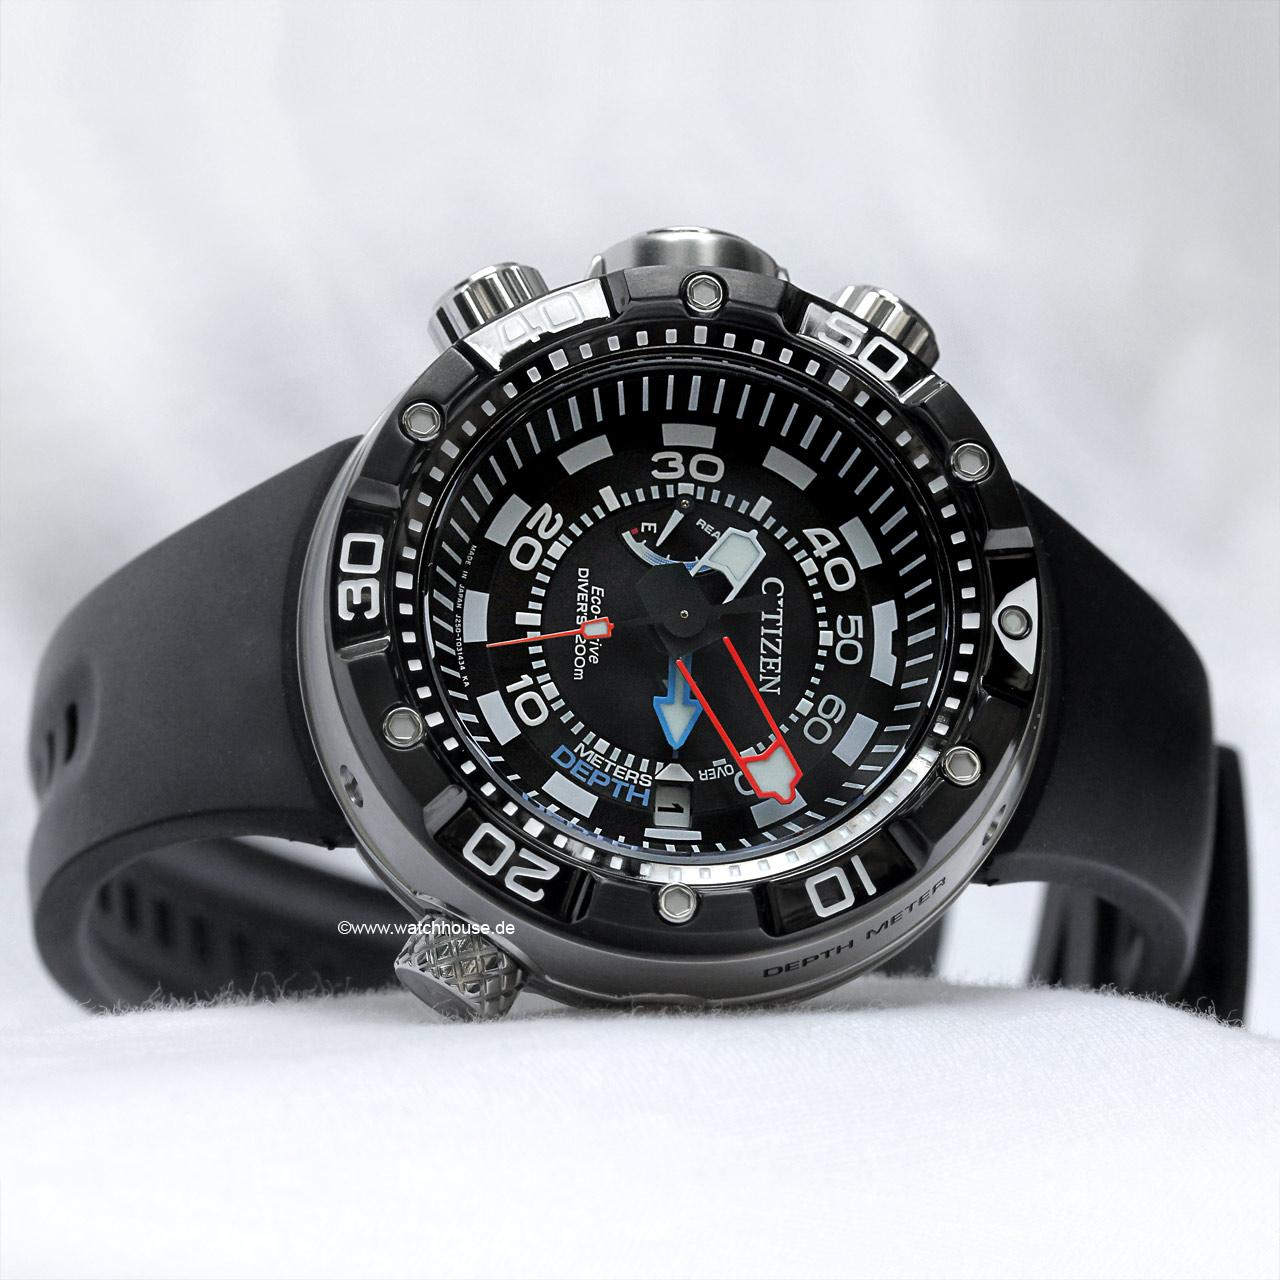 Citizen Promaster Marine BN2024-05E Taucher Sportuhr